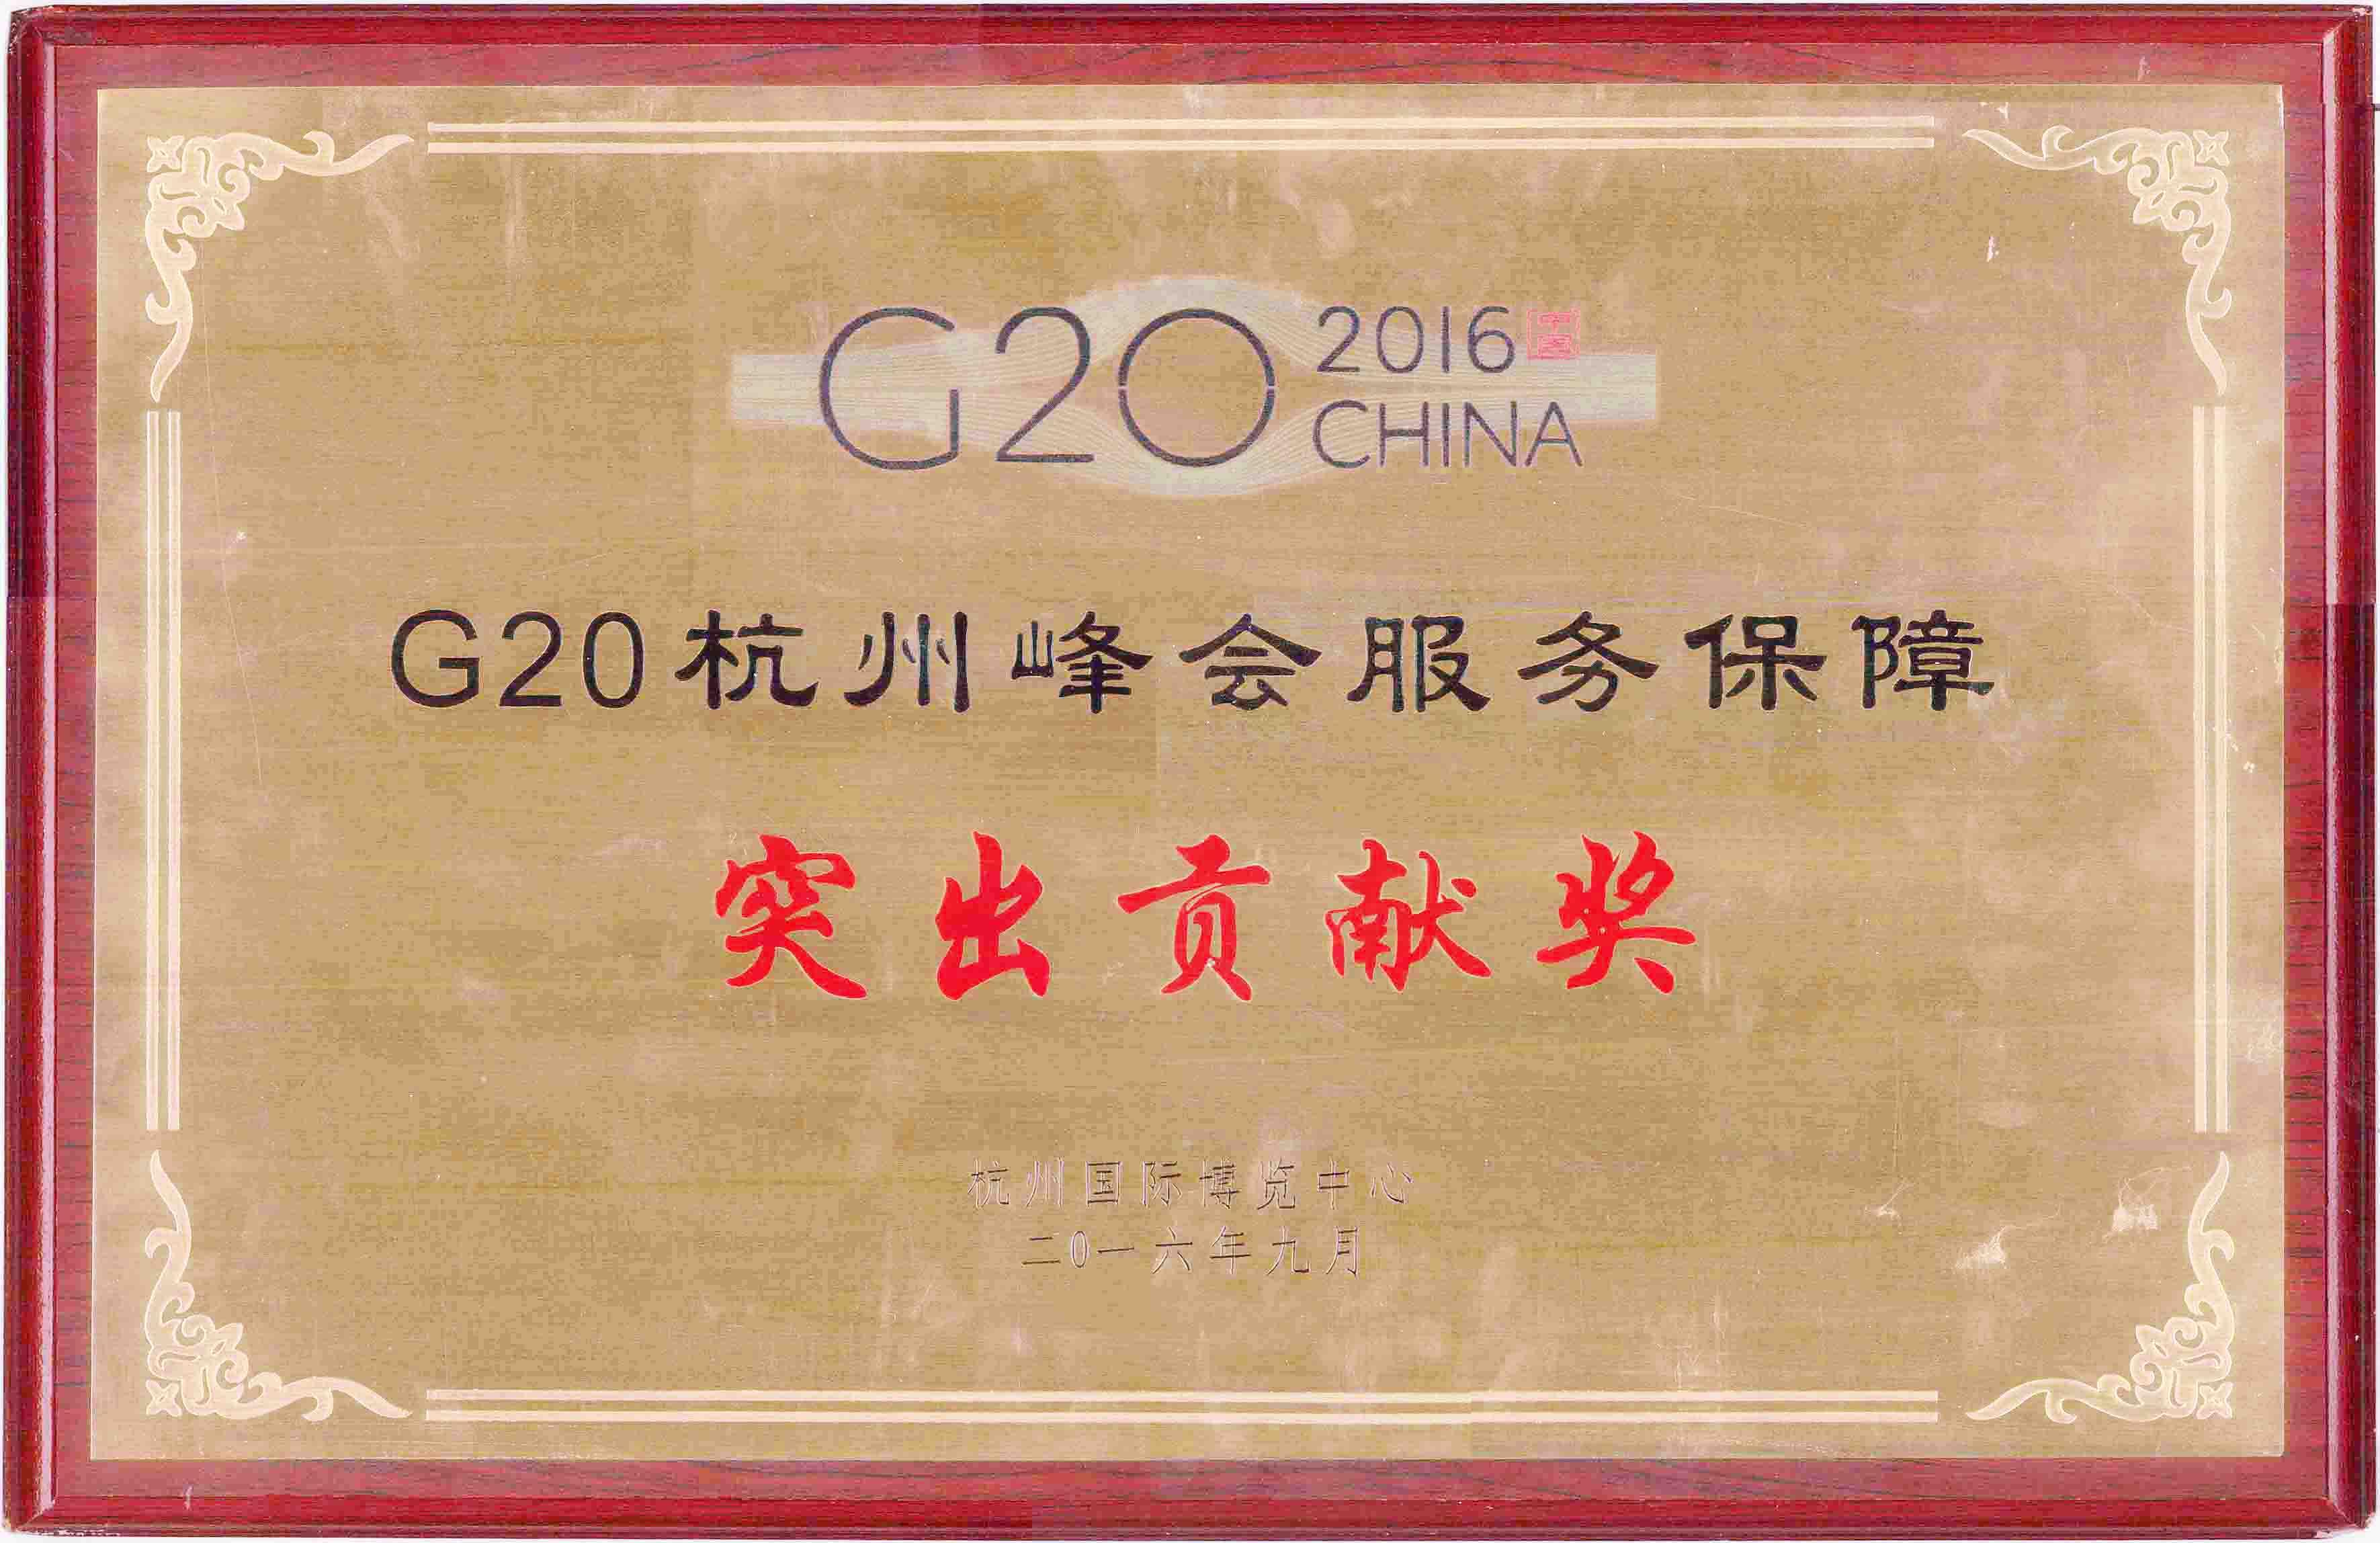 G20峰会突出贡献奖.jpg